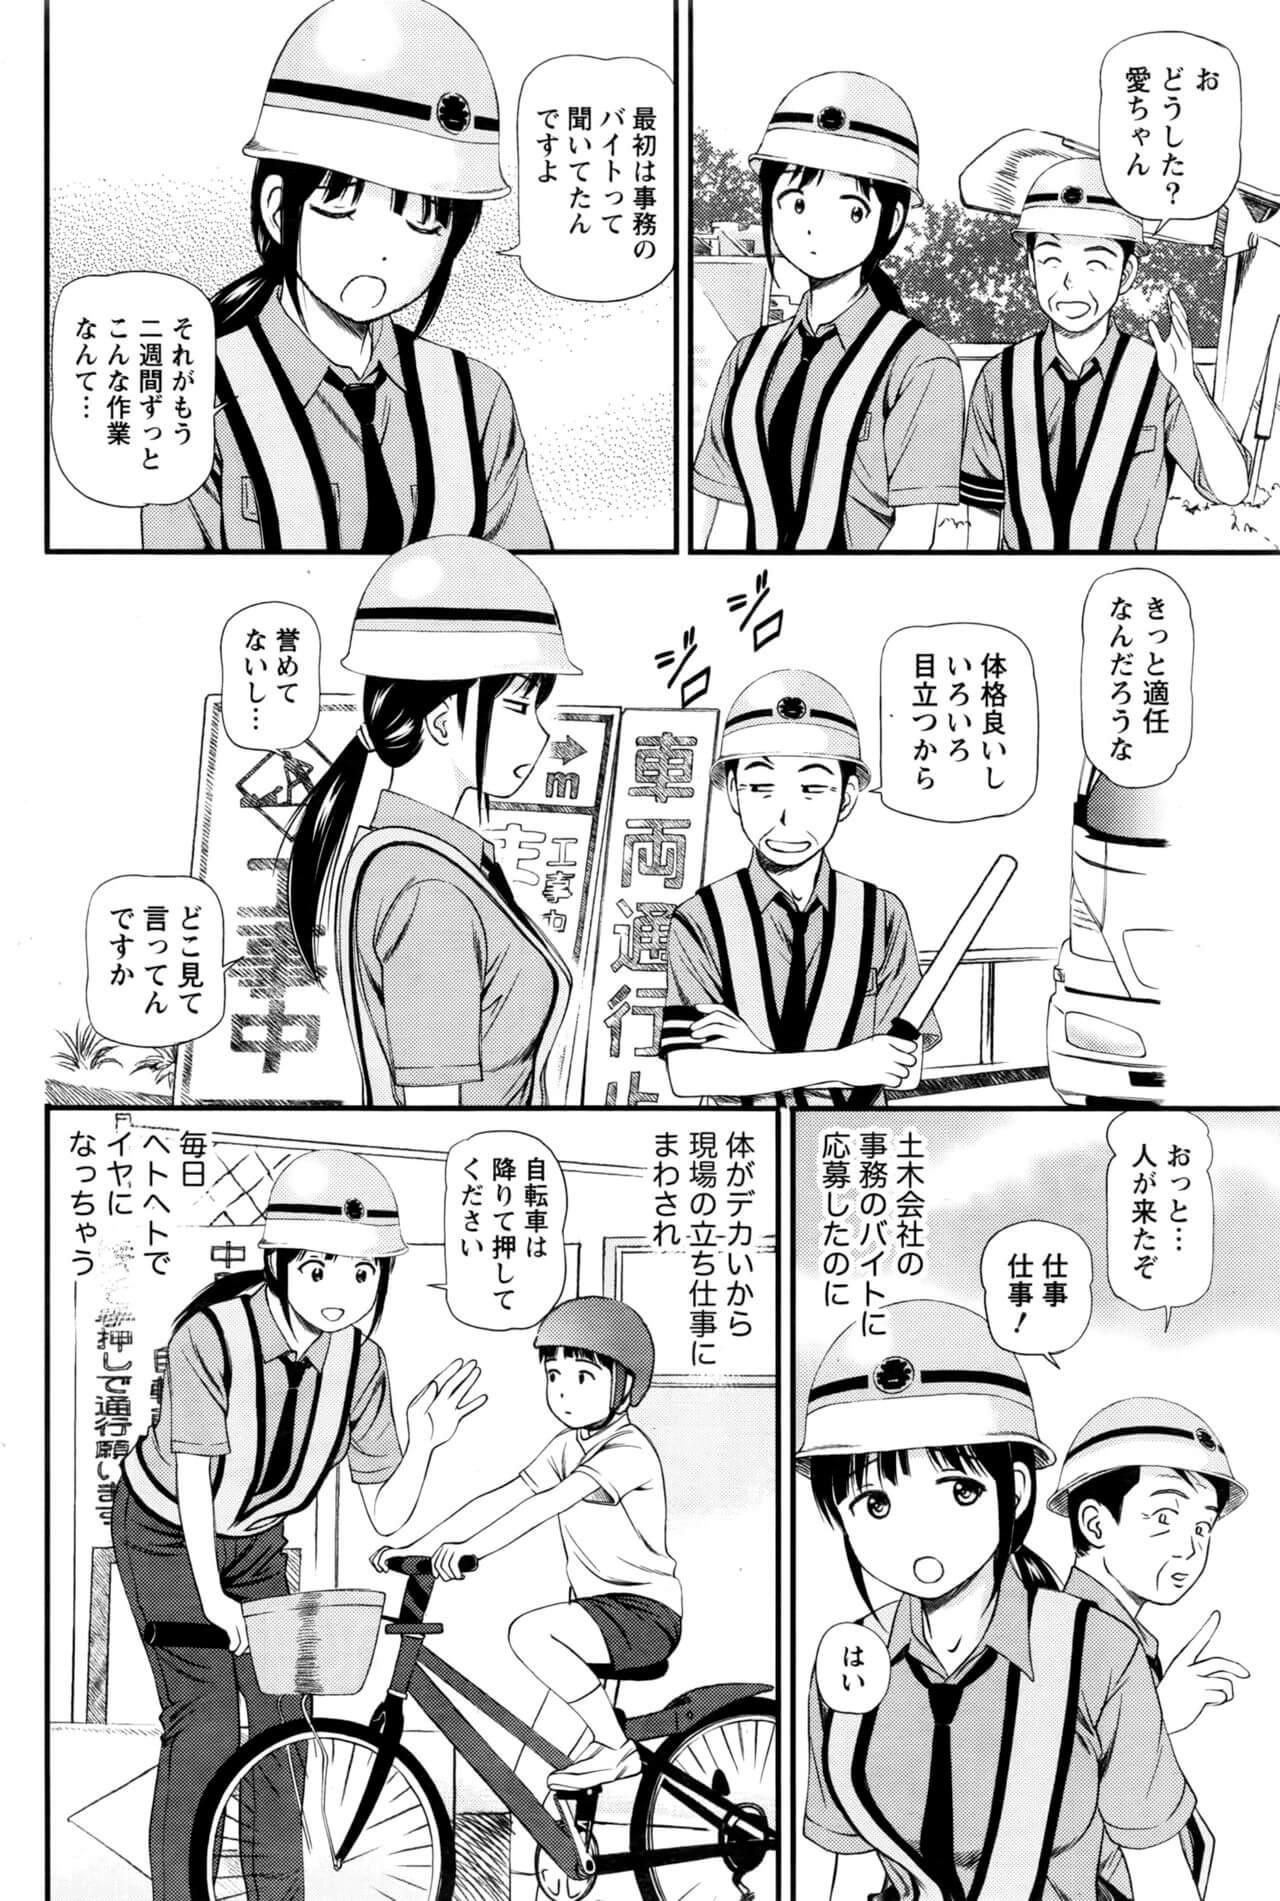 【エロ漫画】毎日ランニングですれ違う男の子ムラムラしちゃって痴女プレイで絶頂w【無料 エロ同人】